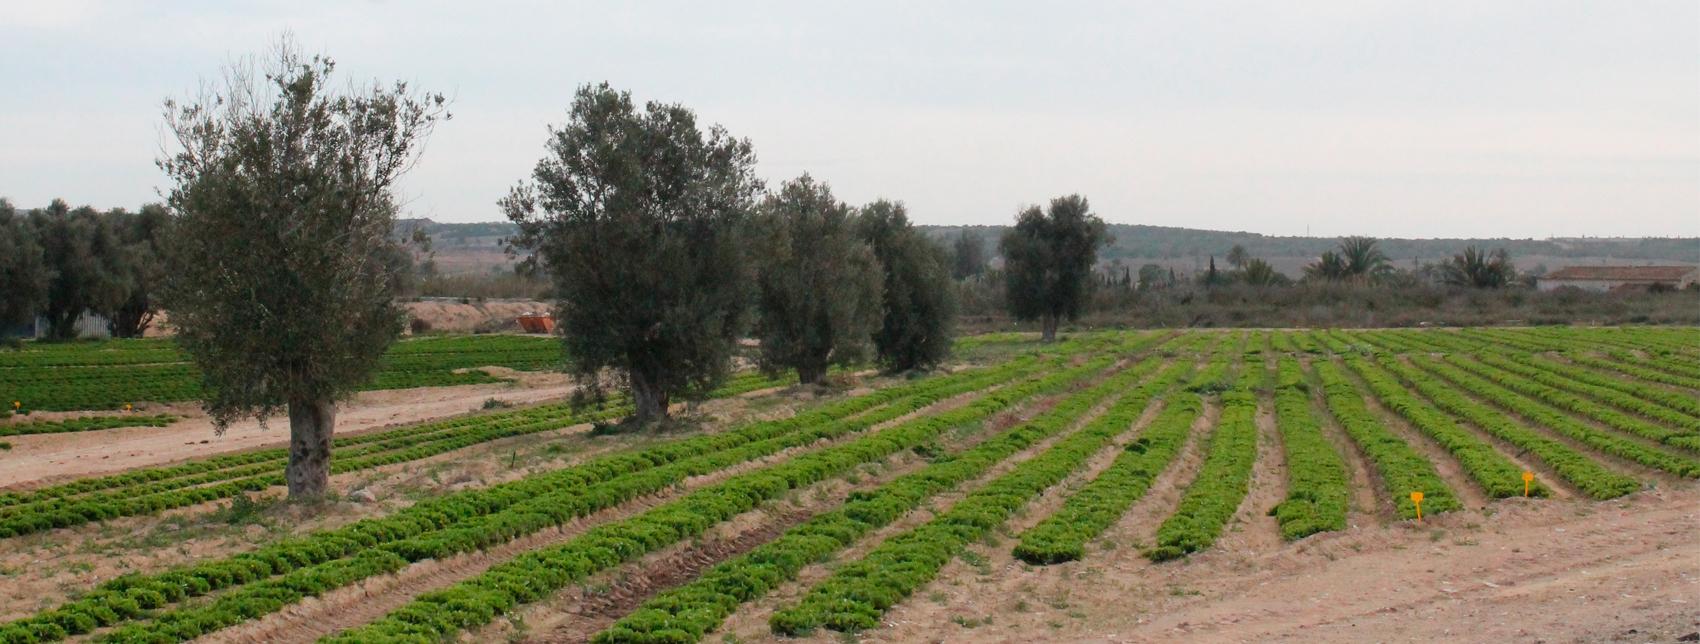 Consulta pública ordenanza quema agrícola